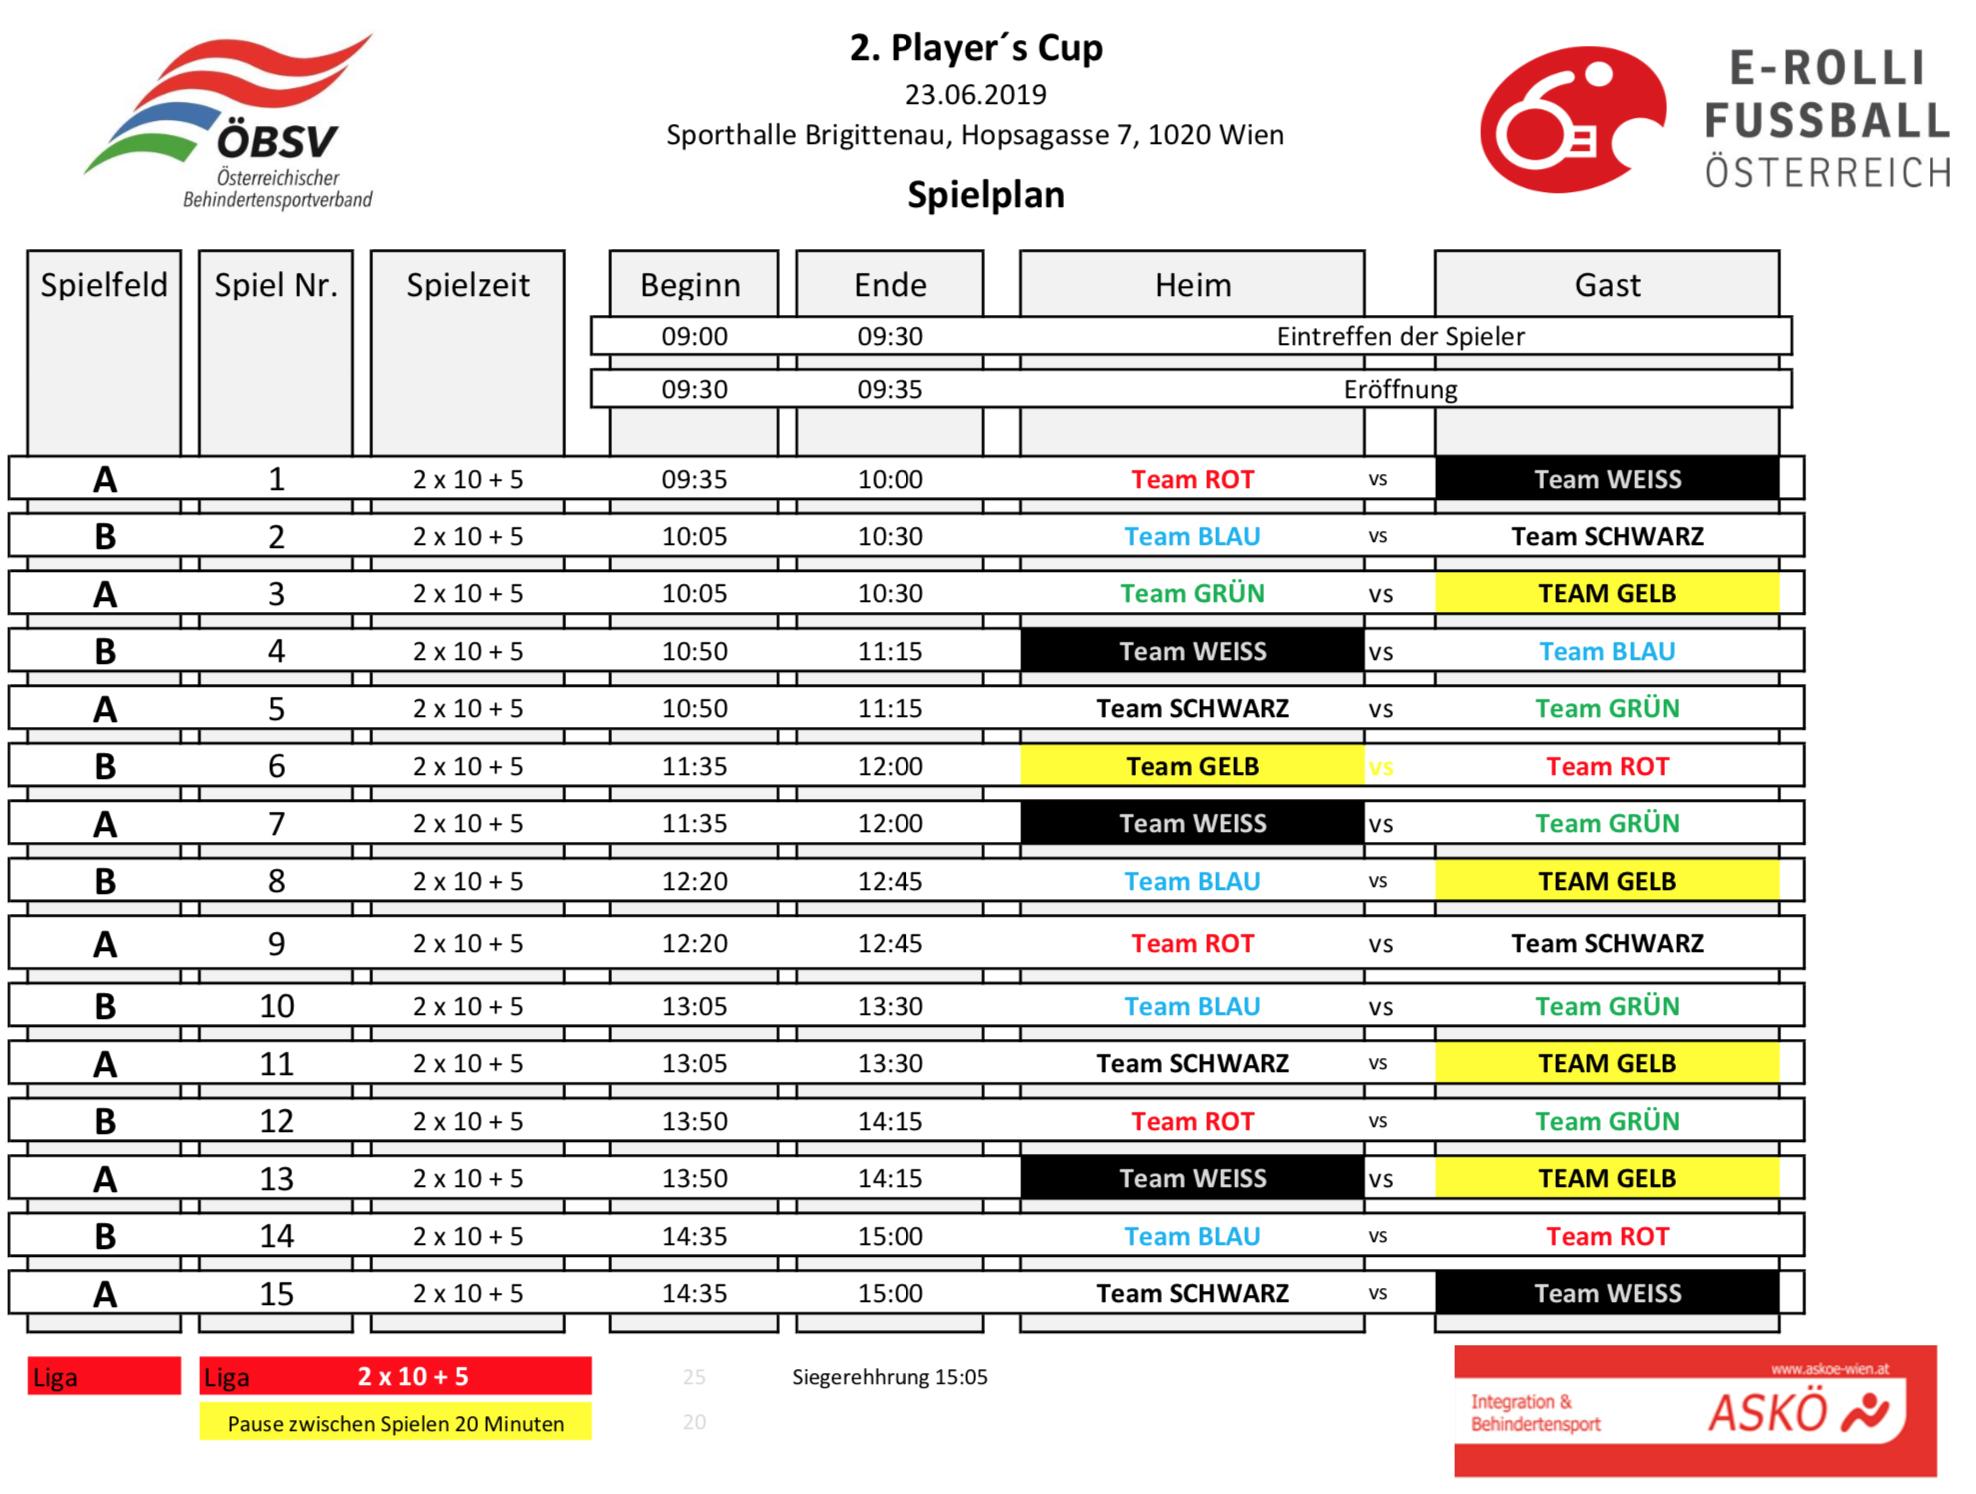 Spielplan für den 2. Player's CUP am 23. Juni 2019